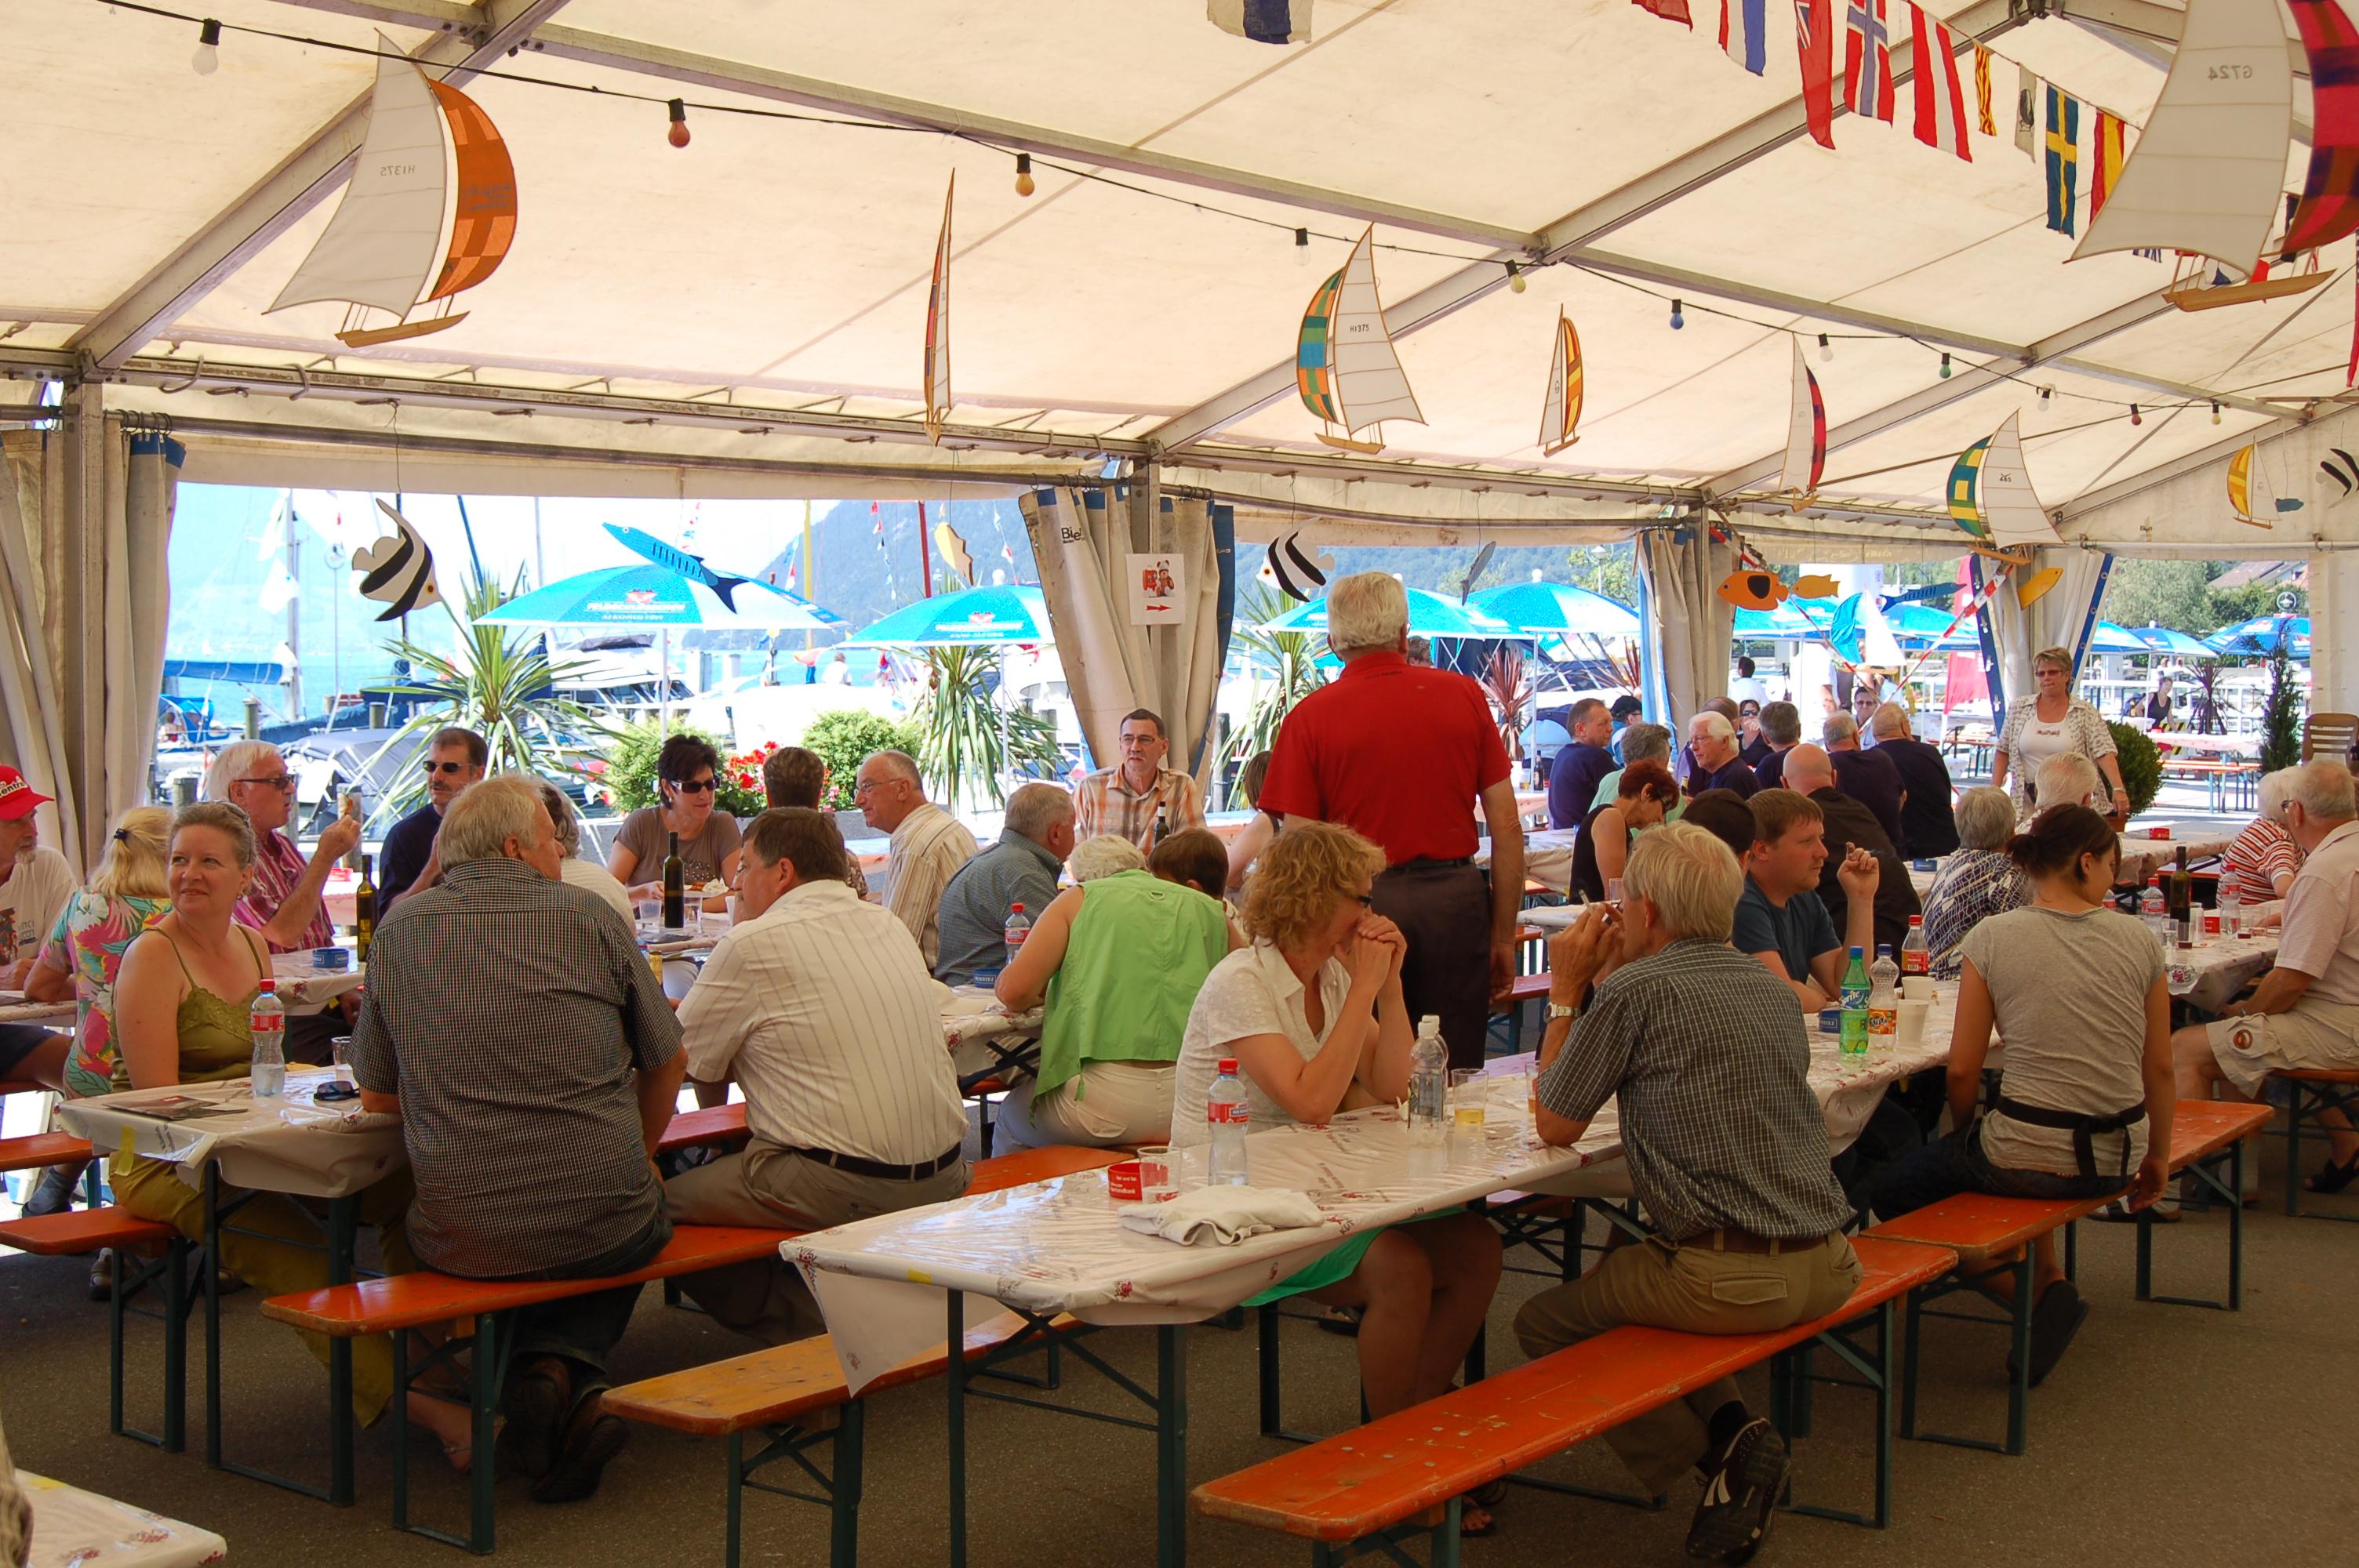 igf-hafenfest-brunnen-2009-41